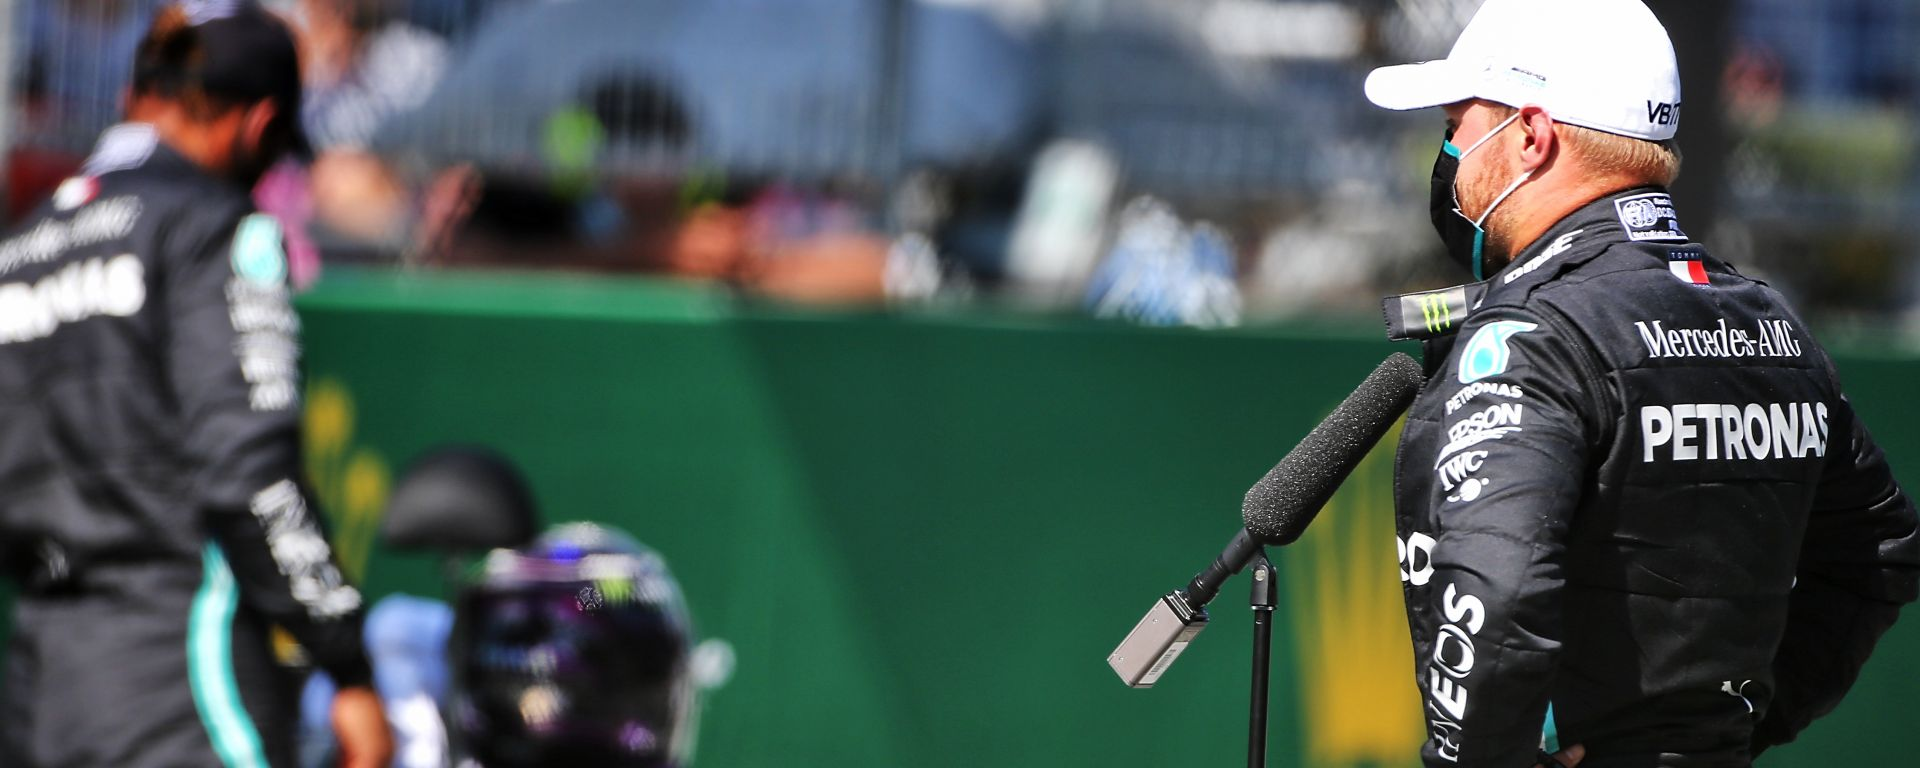 F1, GP Austria 2020: Valtteri Bottas (Mercedes) nelle interviste al termine delle qualifiche